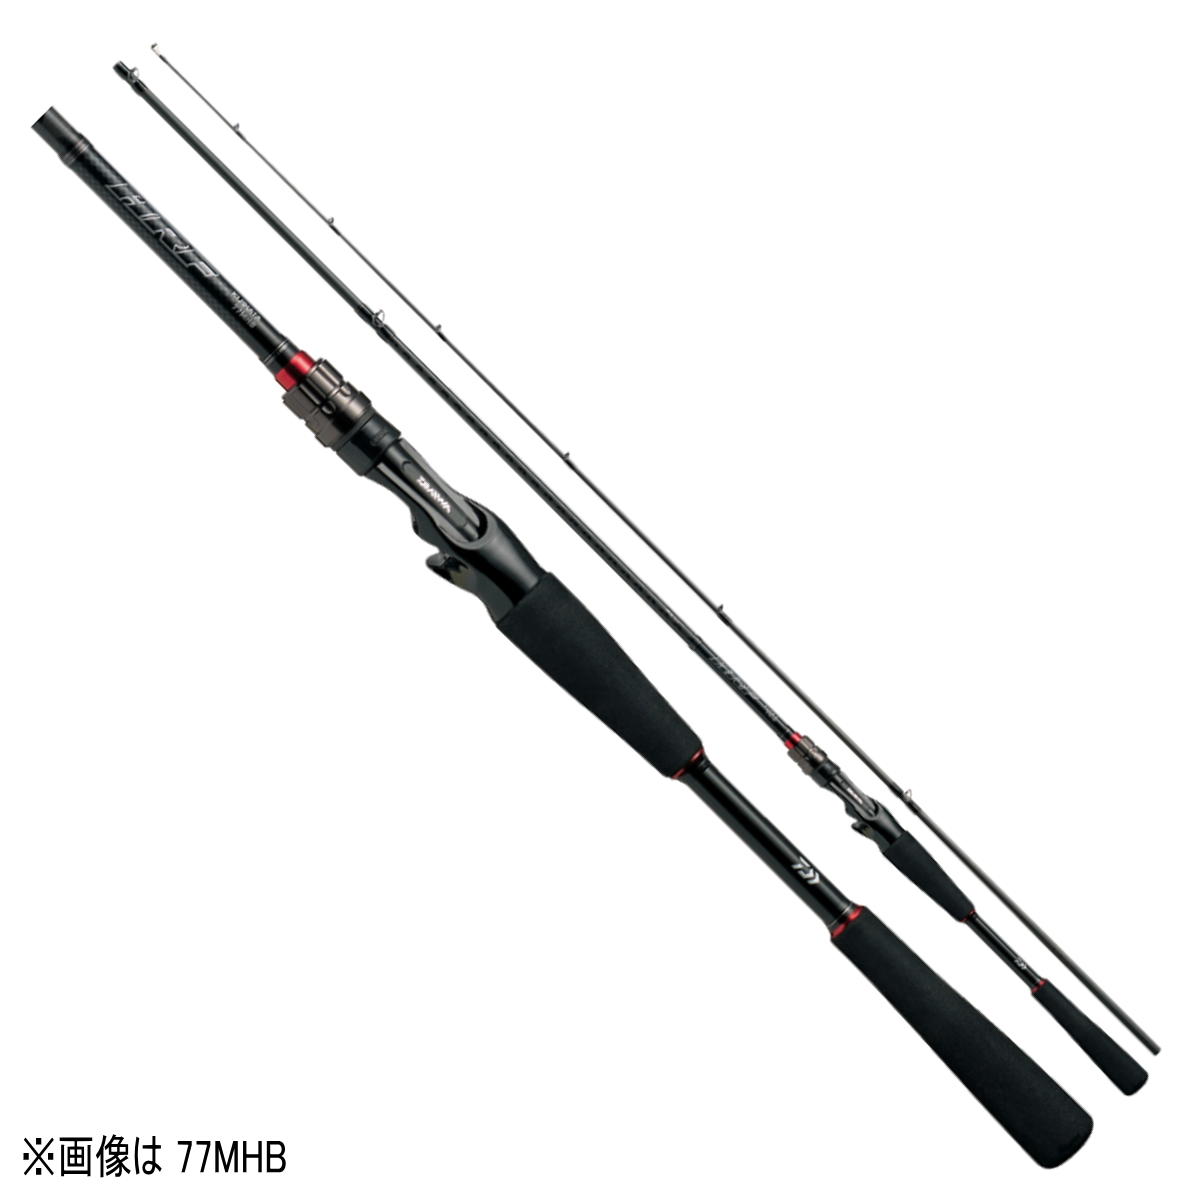 【送料無料5】ダイワ ロッド '16 HRF KJ 85MS